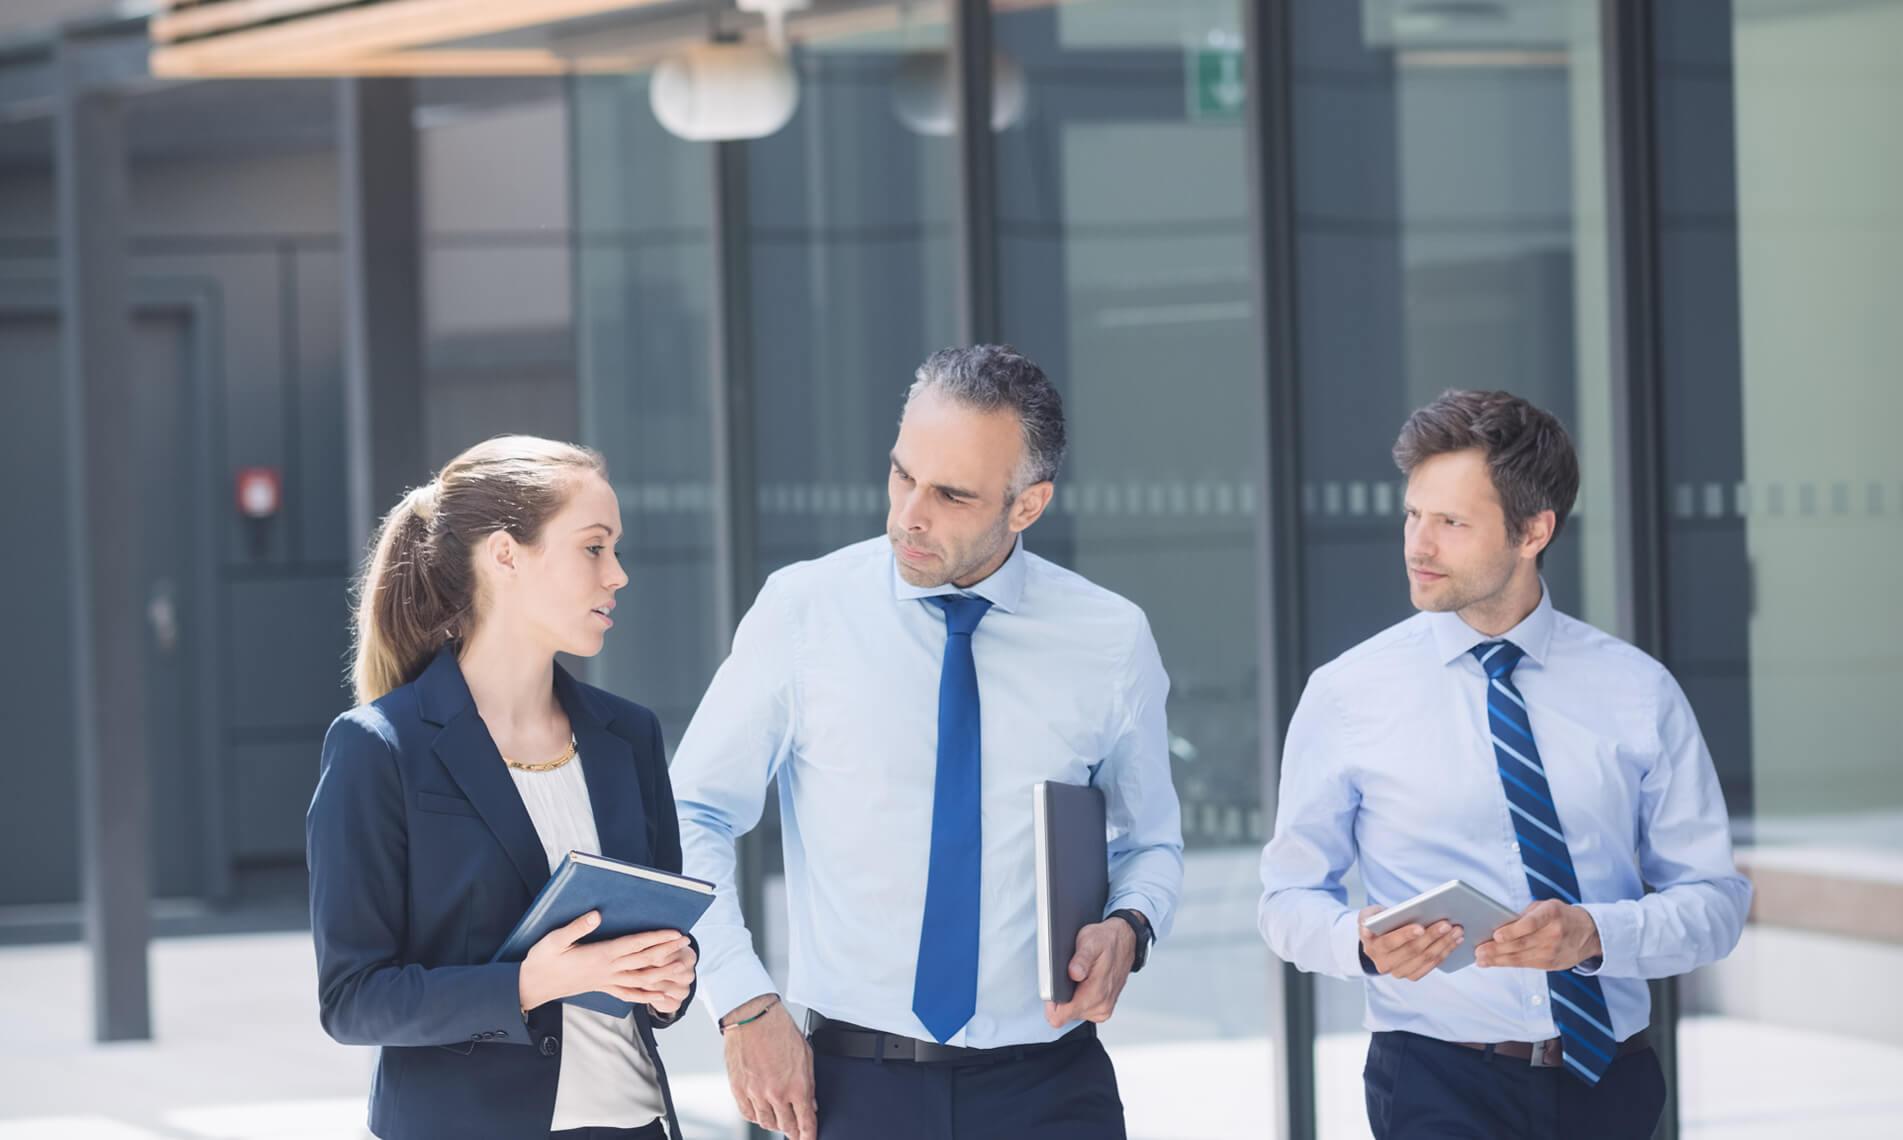 Yaratıcı ve En Etkili Saha Satış Teknikleri Uygulamak İçin Ön Koşullar